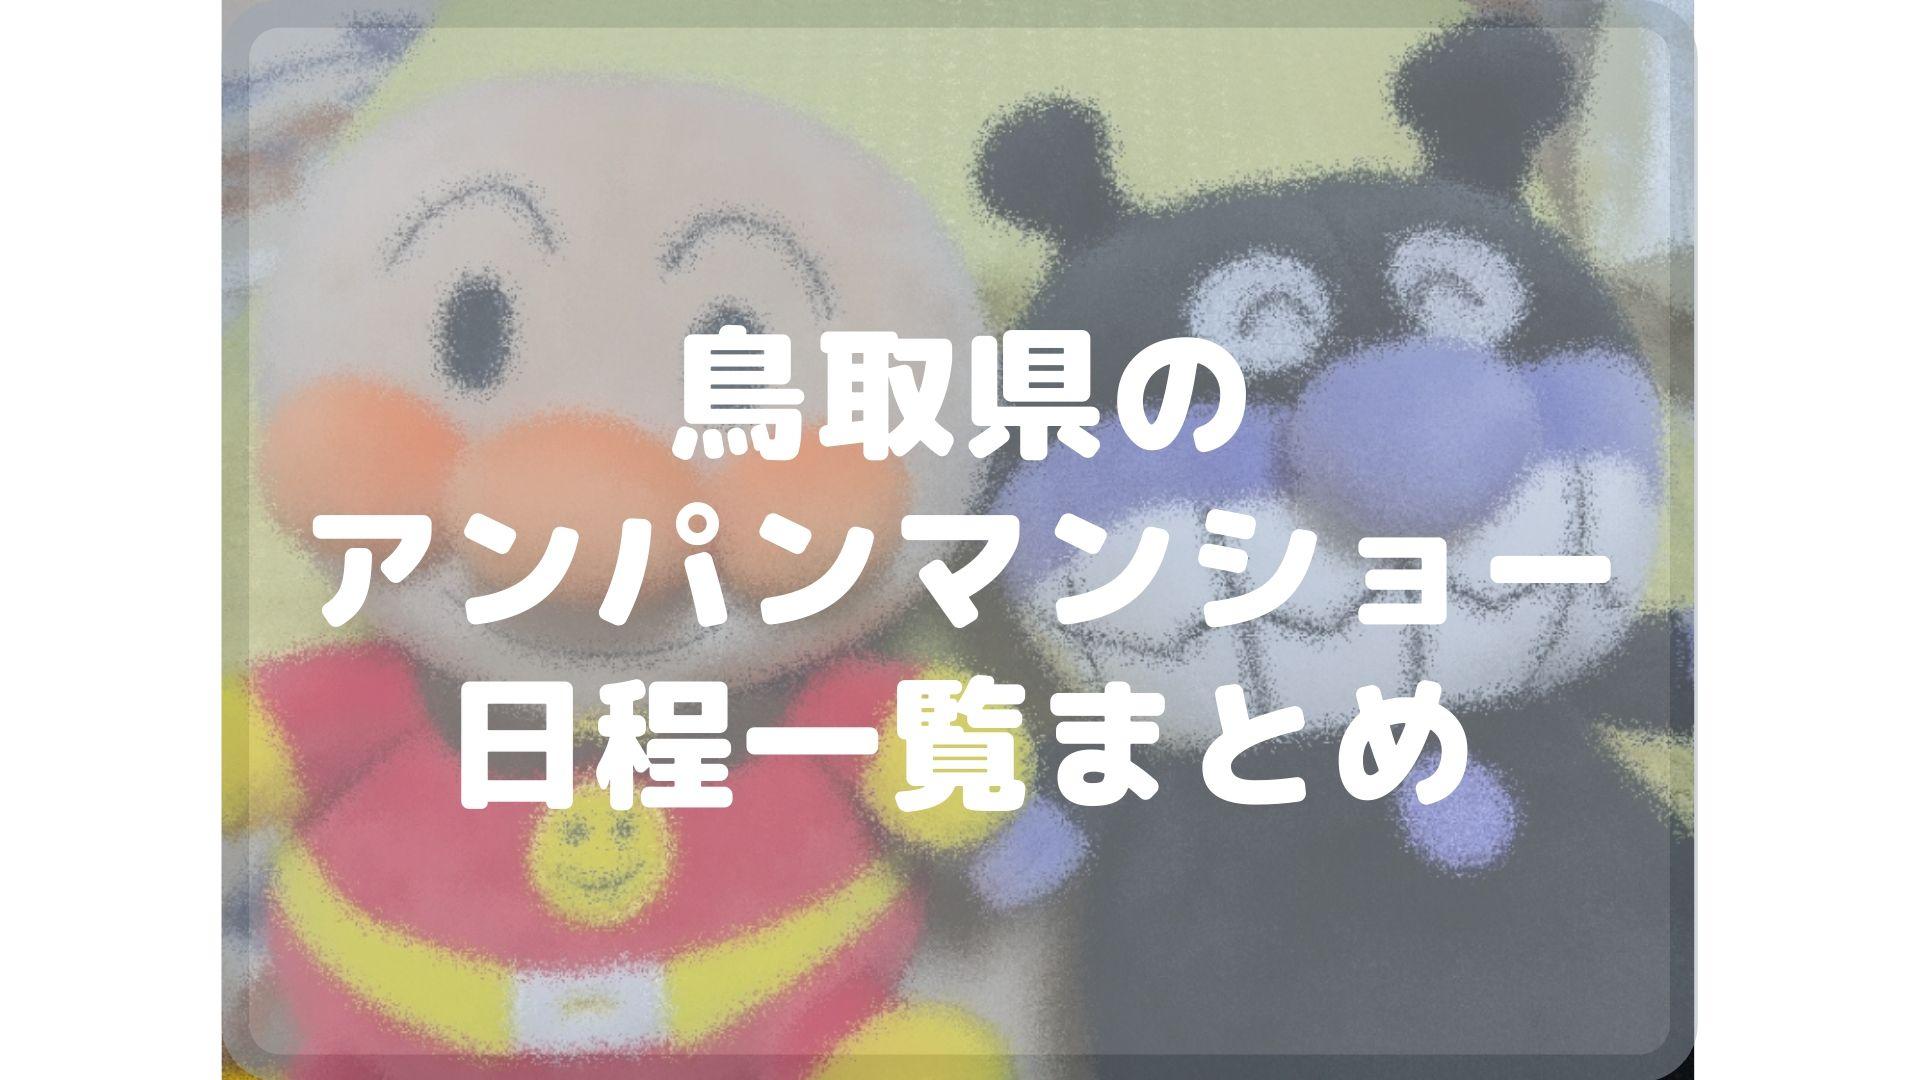 鳥取県のアンパンマンショーまとめタイトル画像